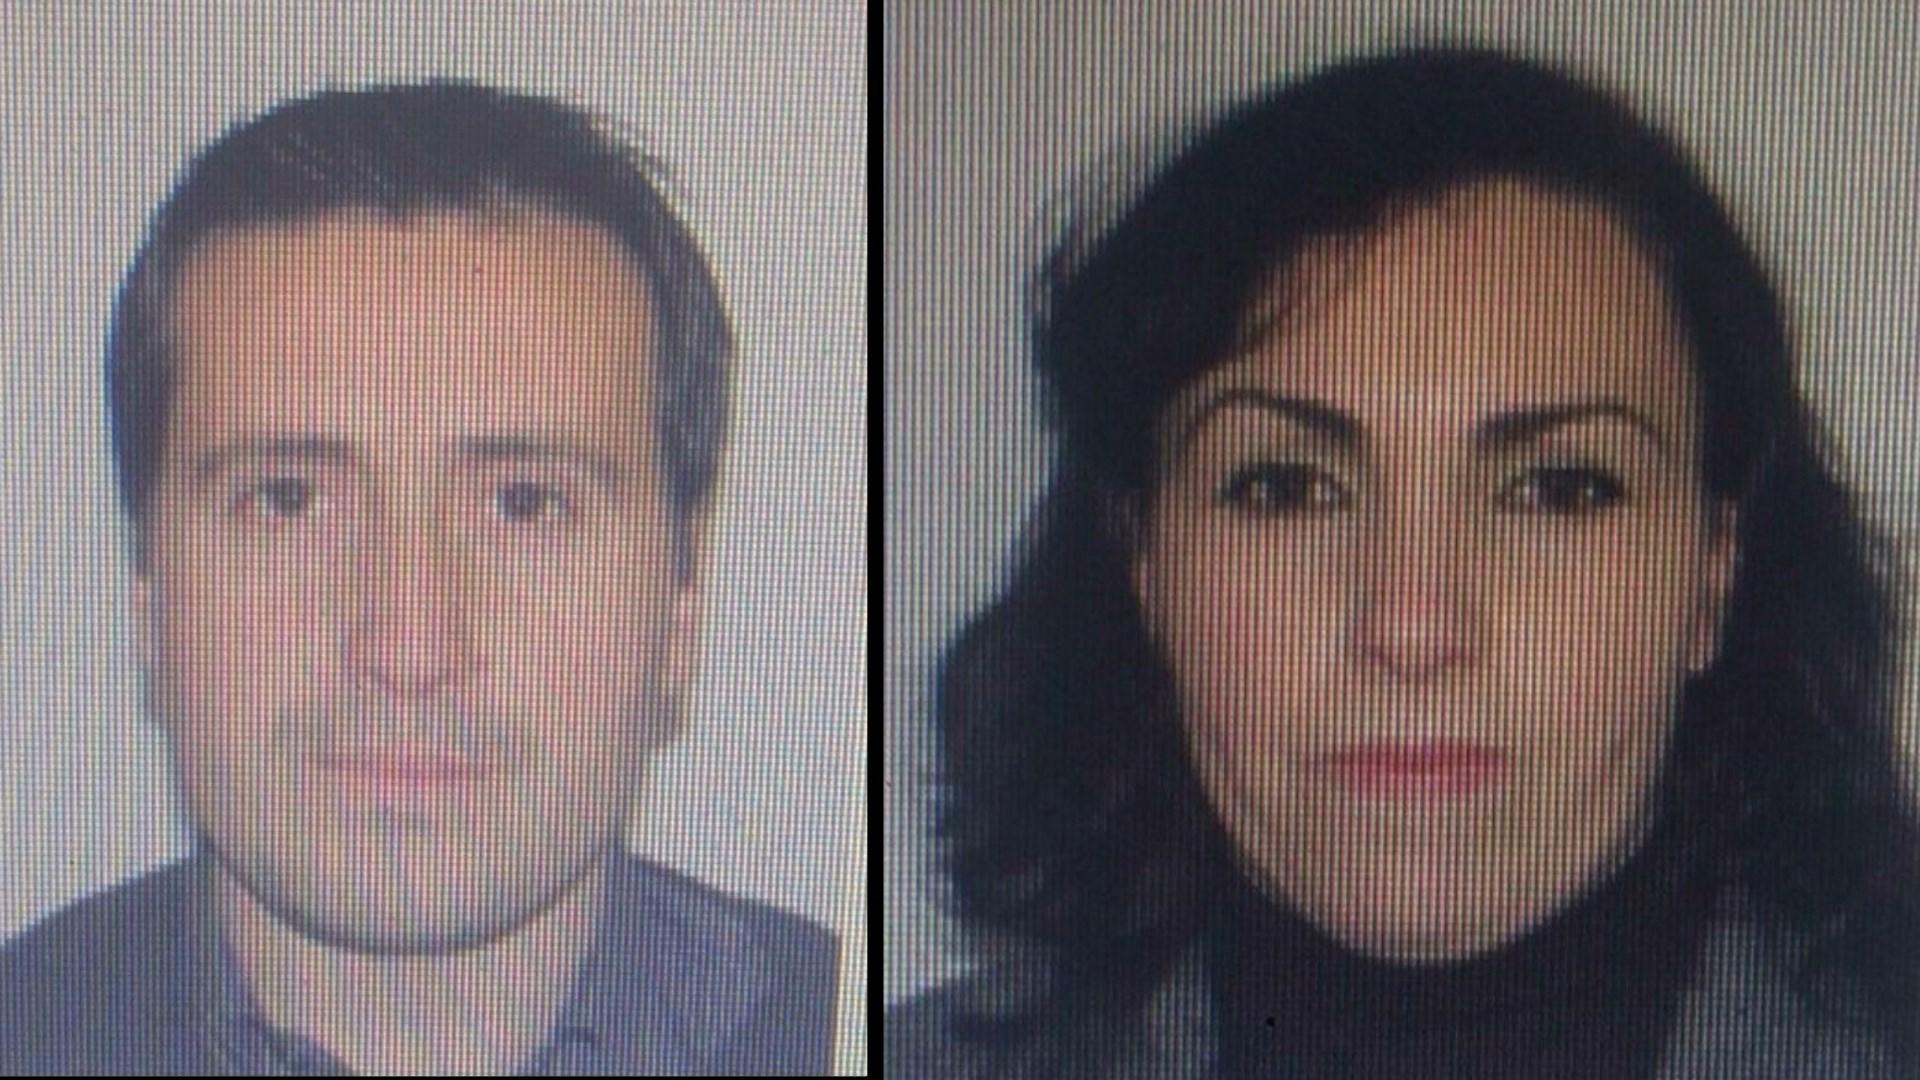 Burri që vrau gruan me thikë në Durrës vuante nga skizofrenia